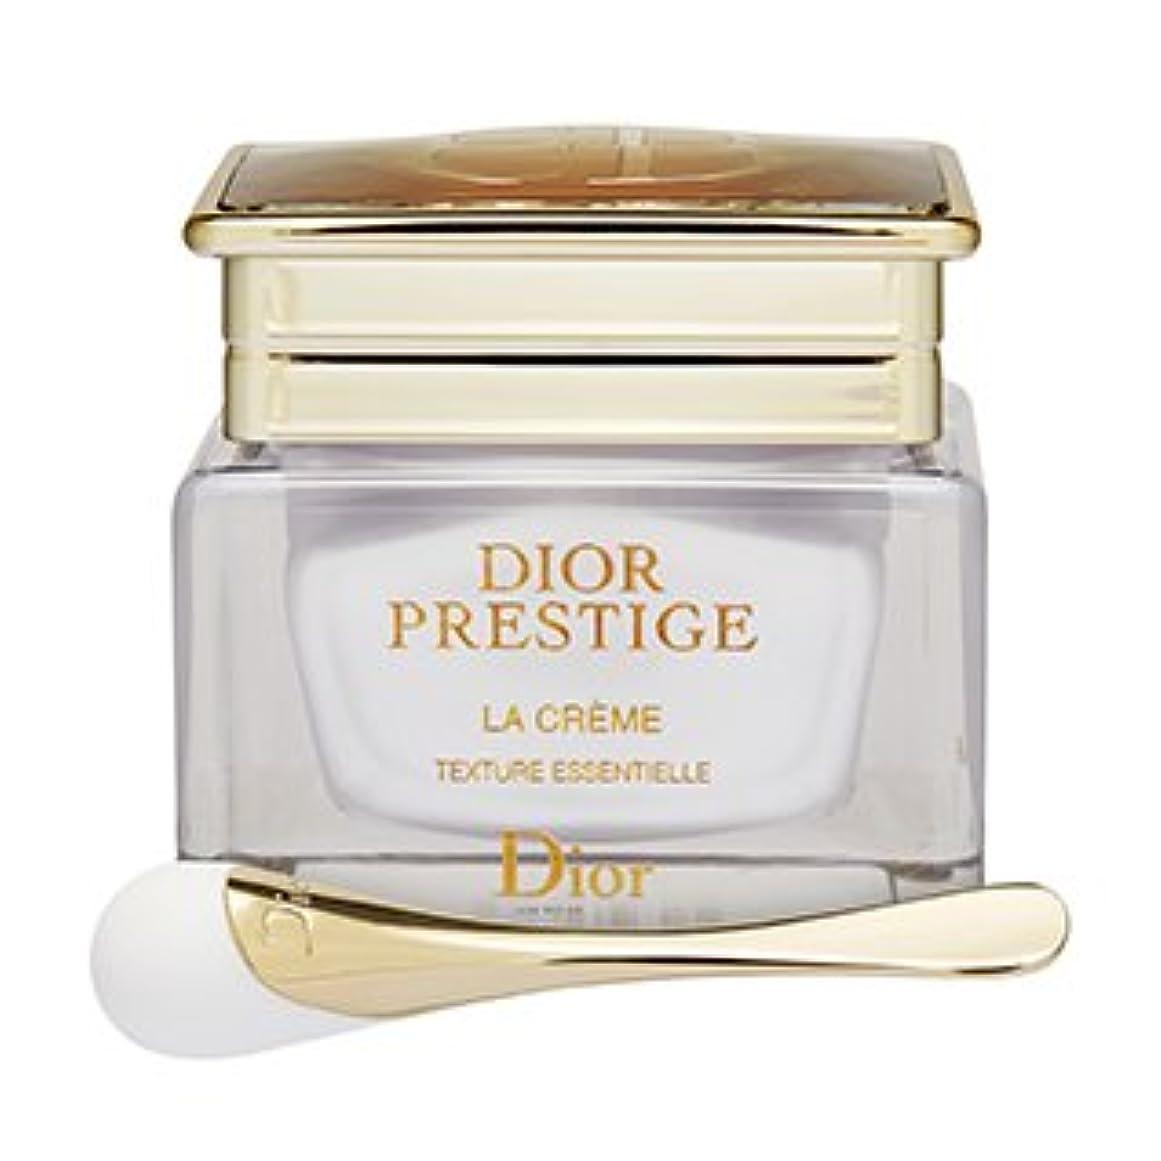 噛むタオル橋ディオール(Dior) プレステージ ラ クレーム - 極上のテクスチャー [並行輸入品]